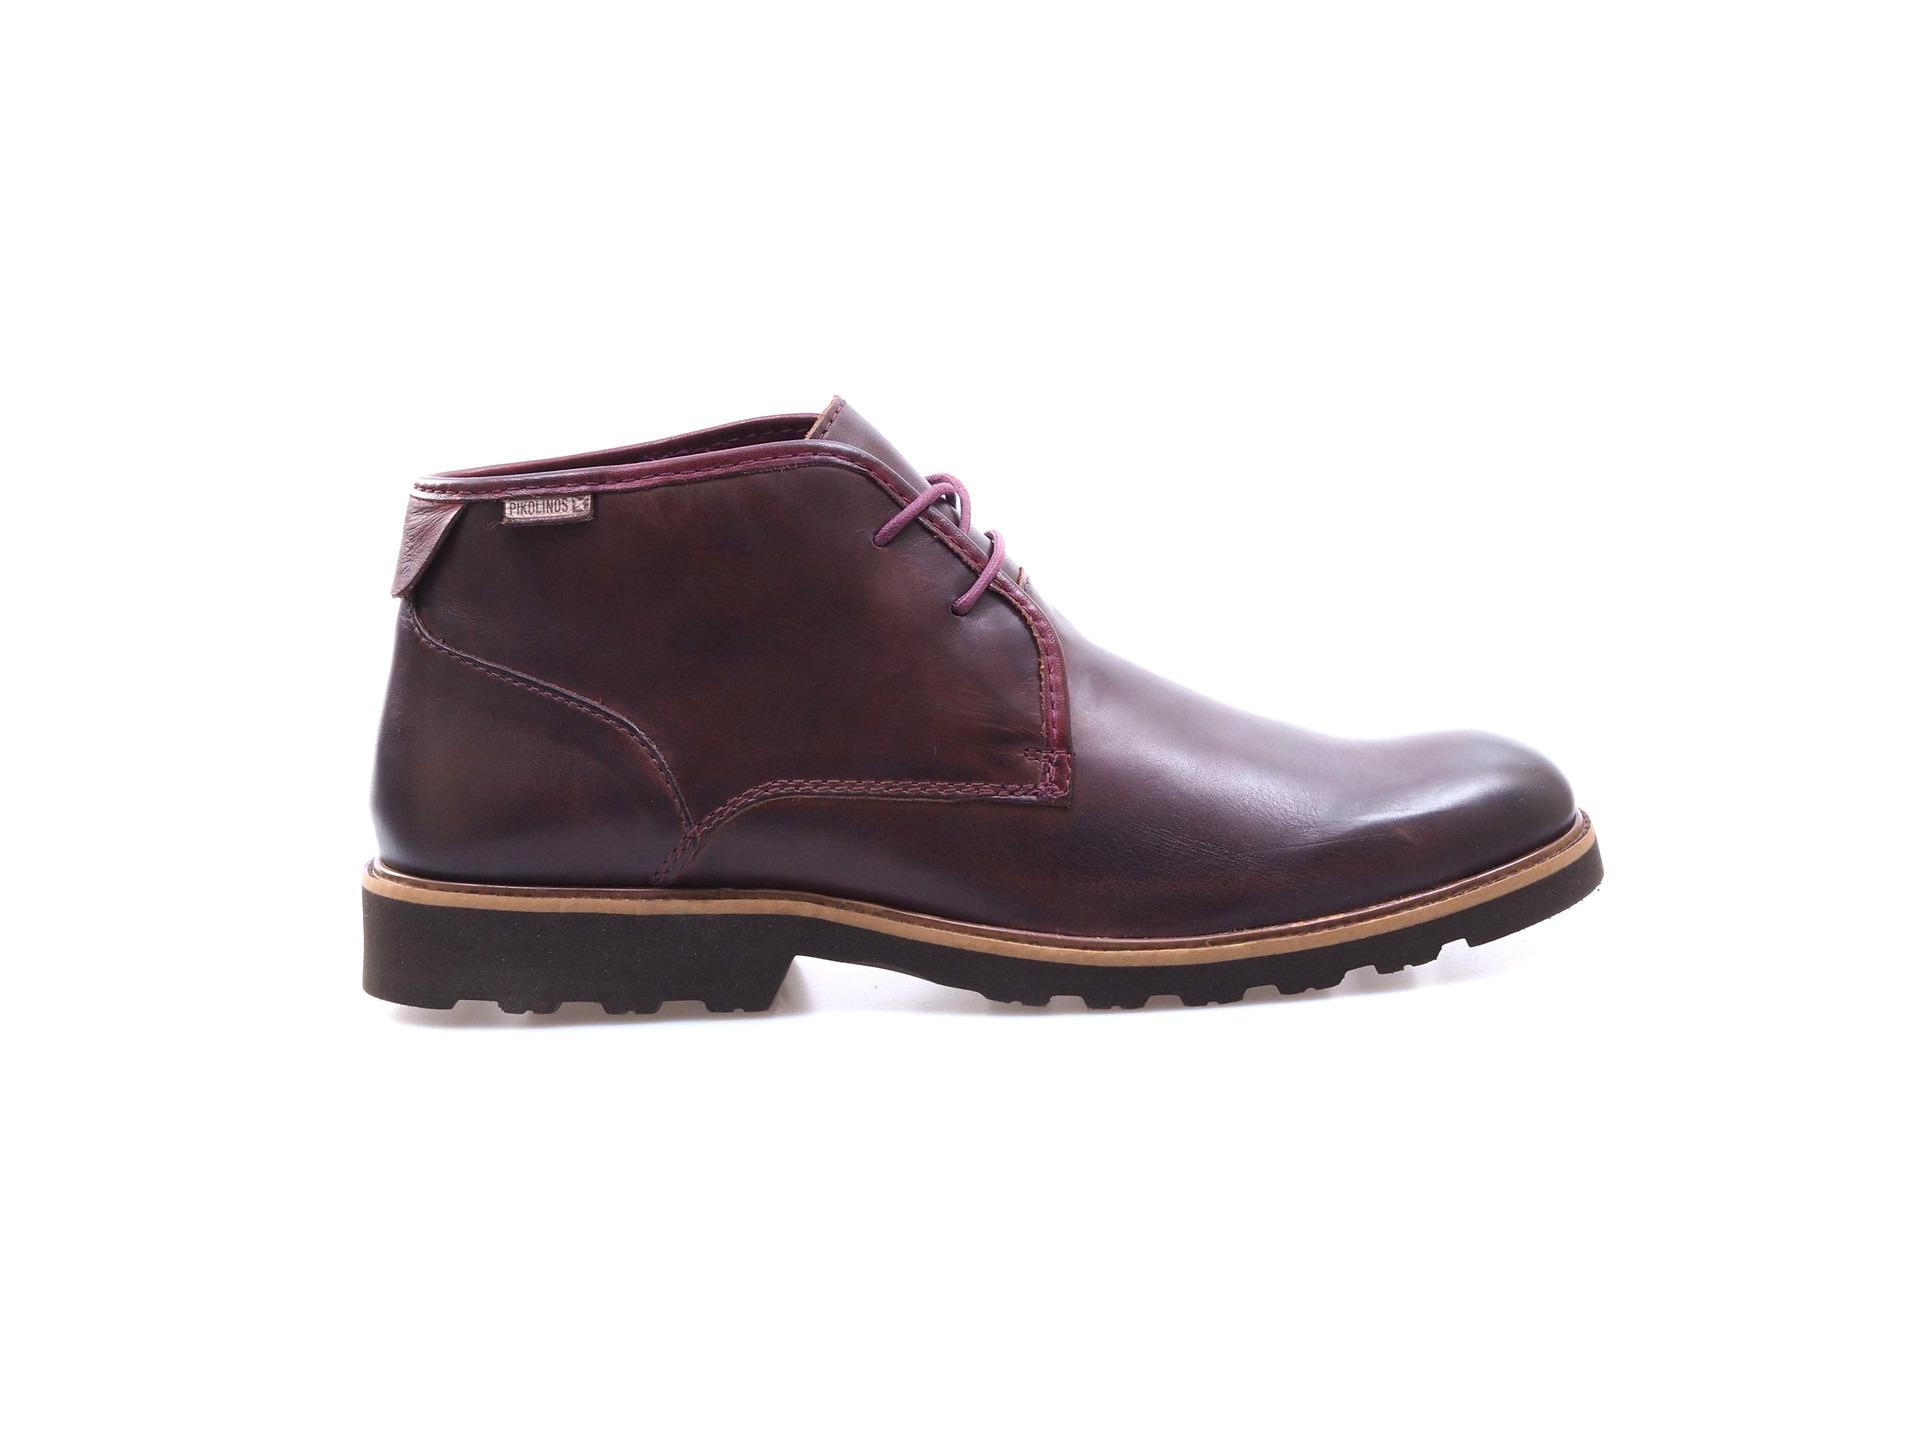 Soňa - Pánska obuv - Zimná - Tmavohnedá kožená obuv značky Pikolinos befb5f24207